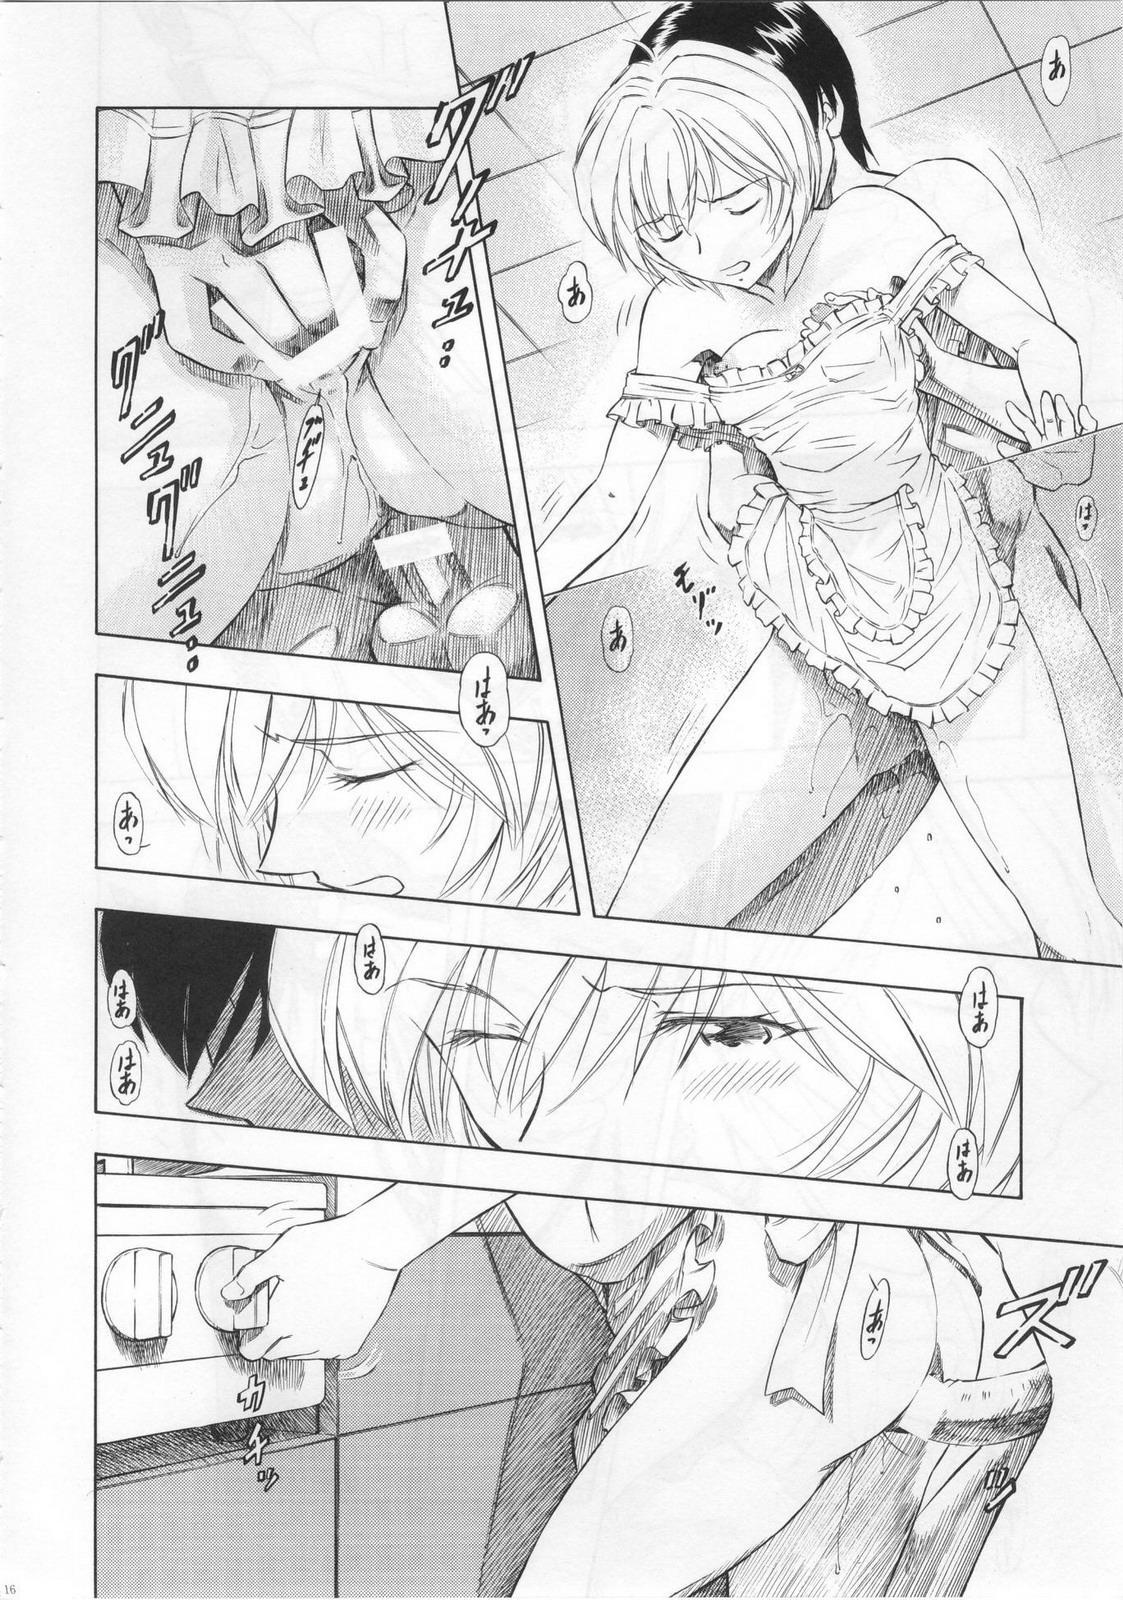 (COMIC1☆5) [Studio Wallaby (Kura Oh)]  Ayanami - Asa Hiru Yoru - Shin (Neon Genesis Evangelion) 14